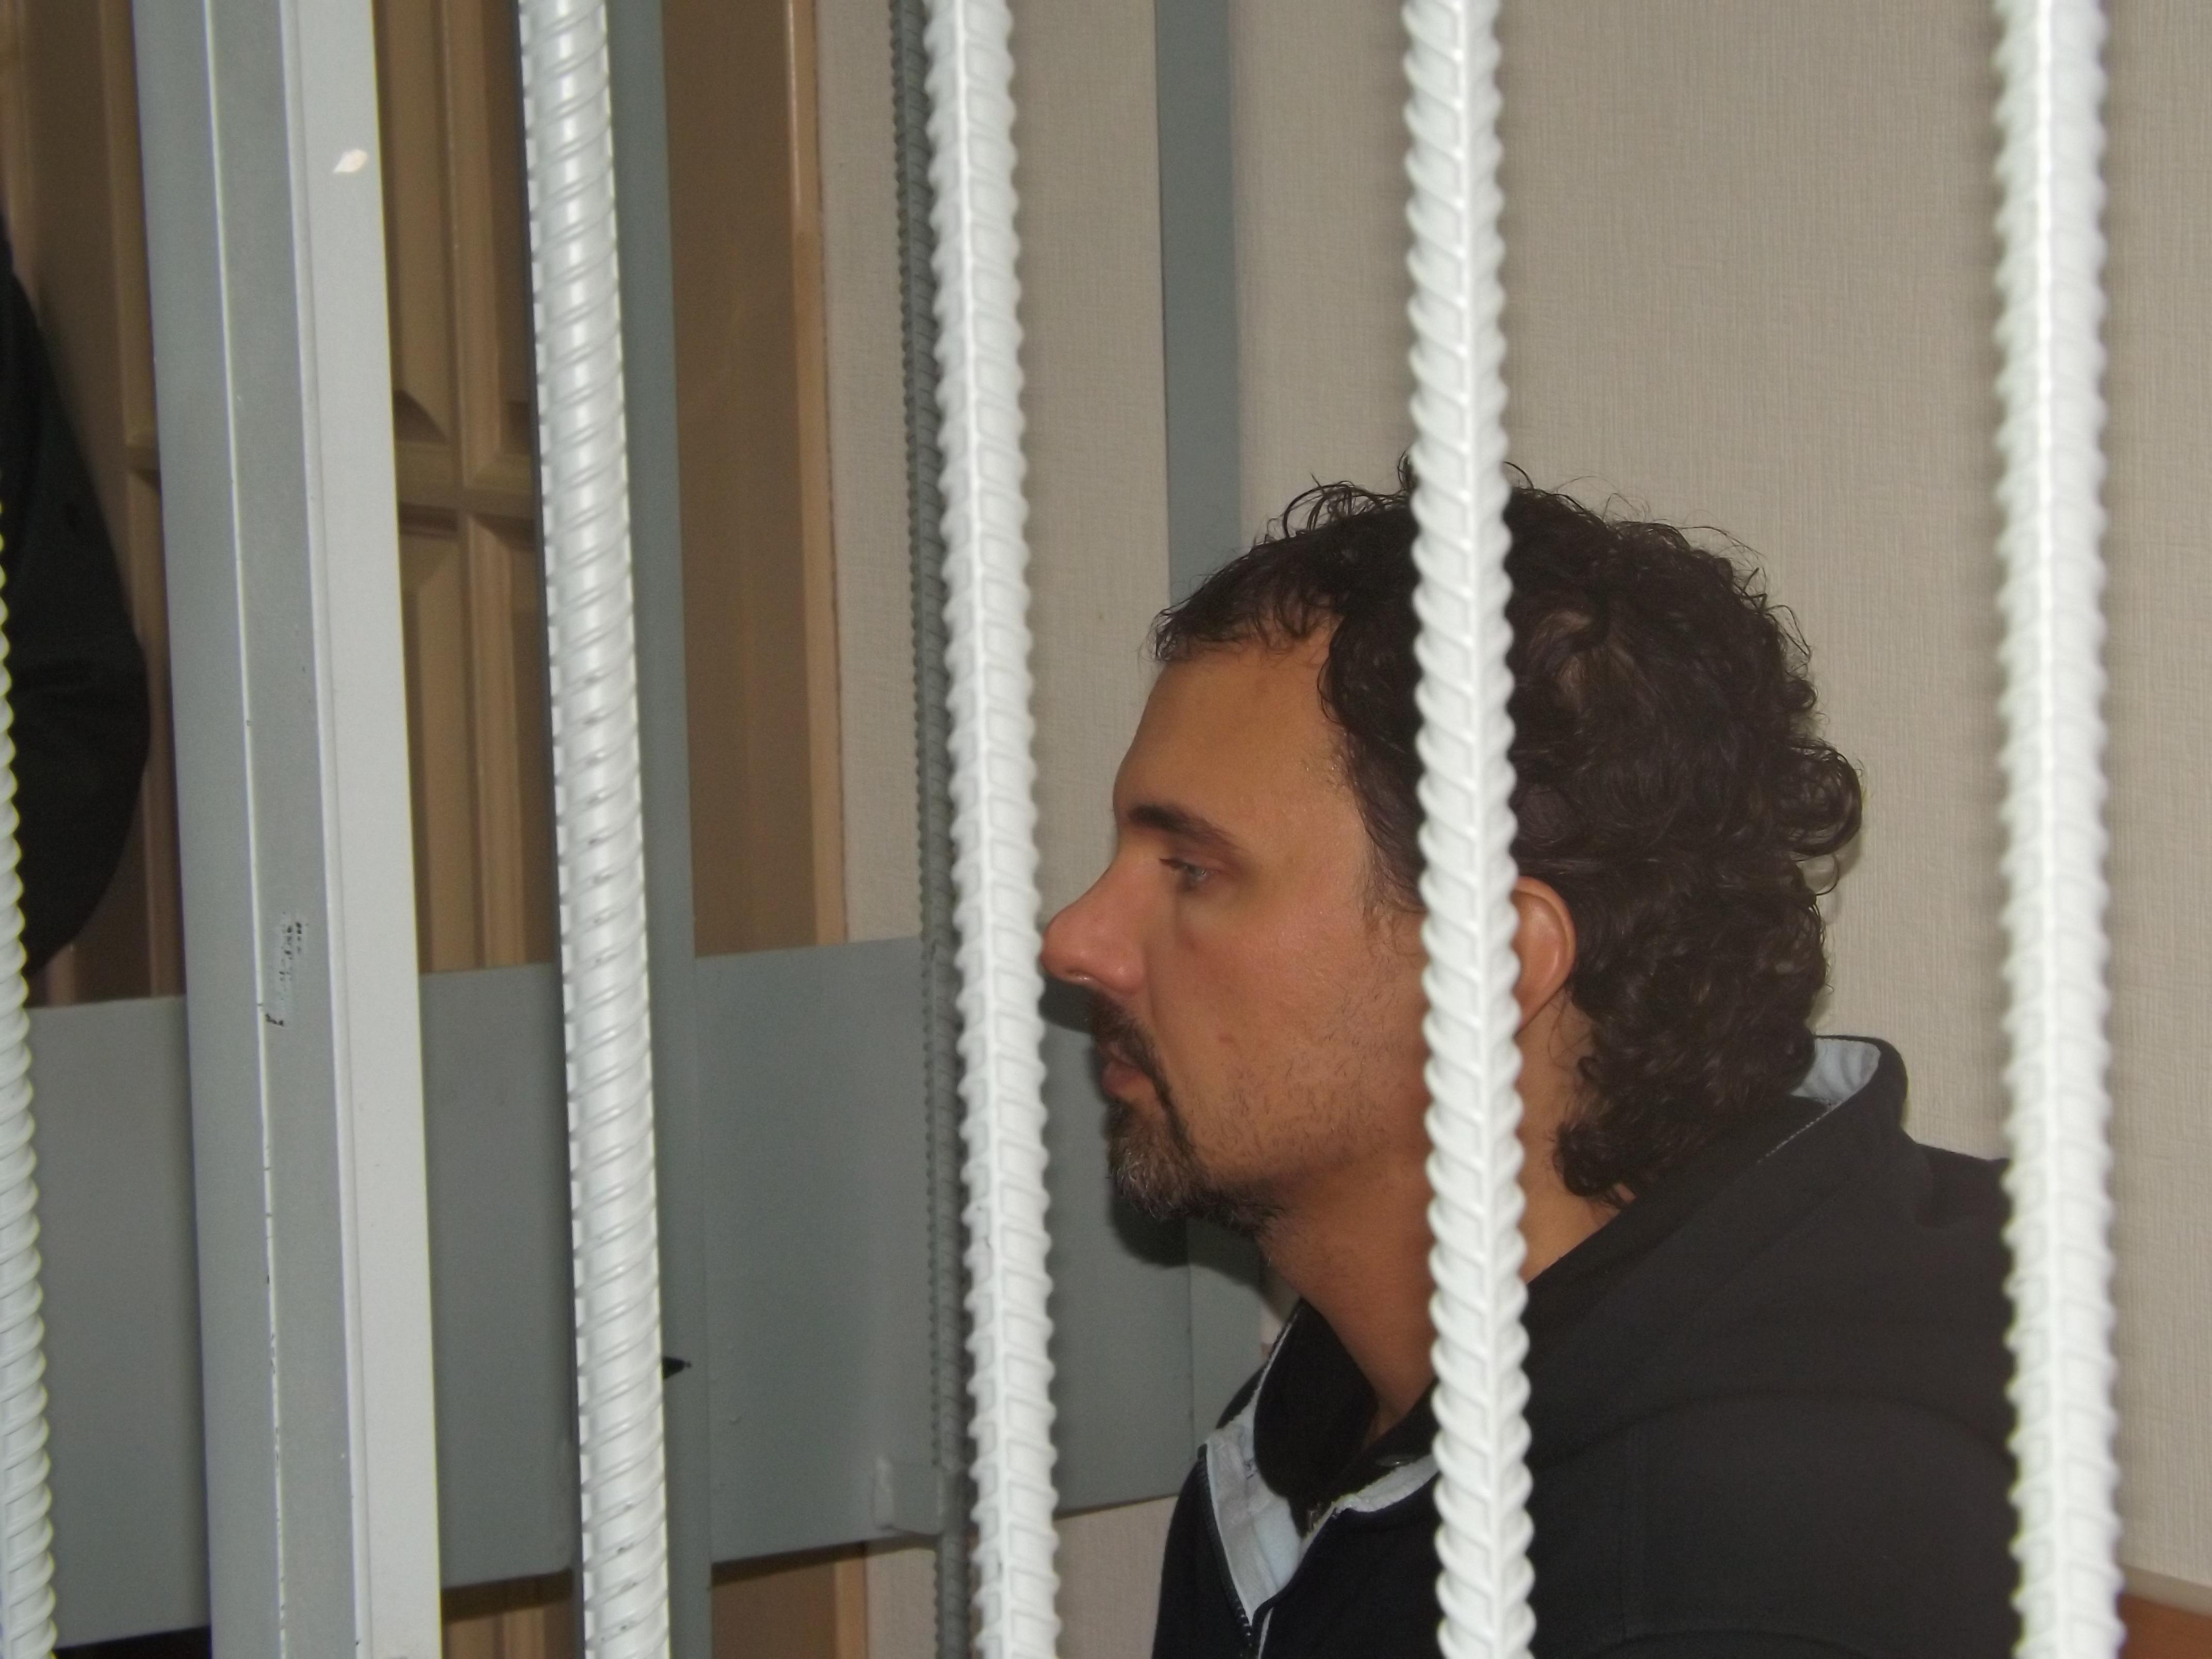 Прокурор рассказал о новых уликах в деле фотографа Лошагина